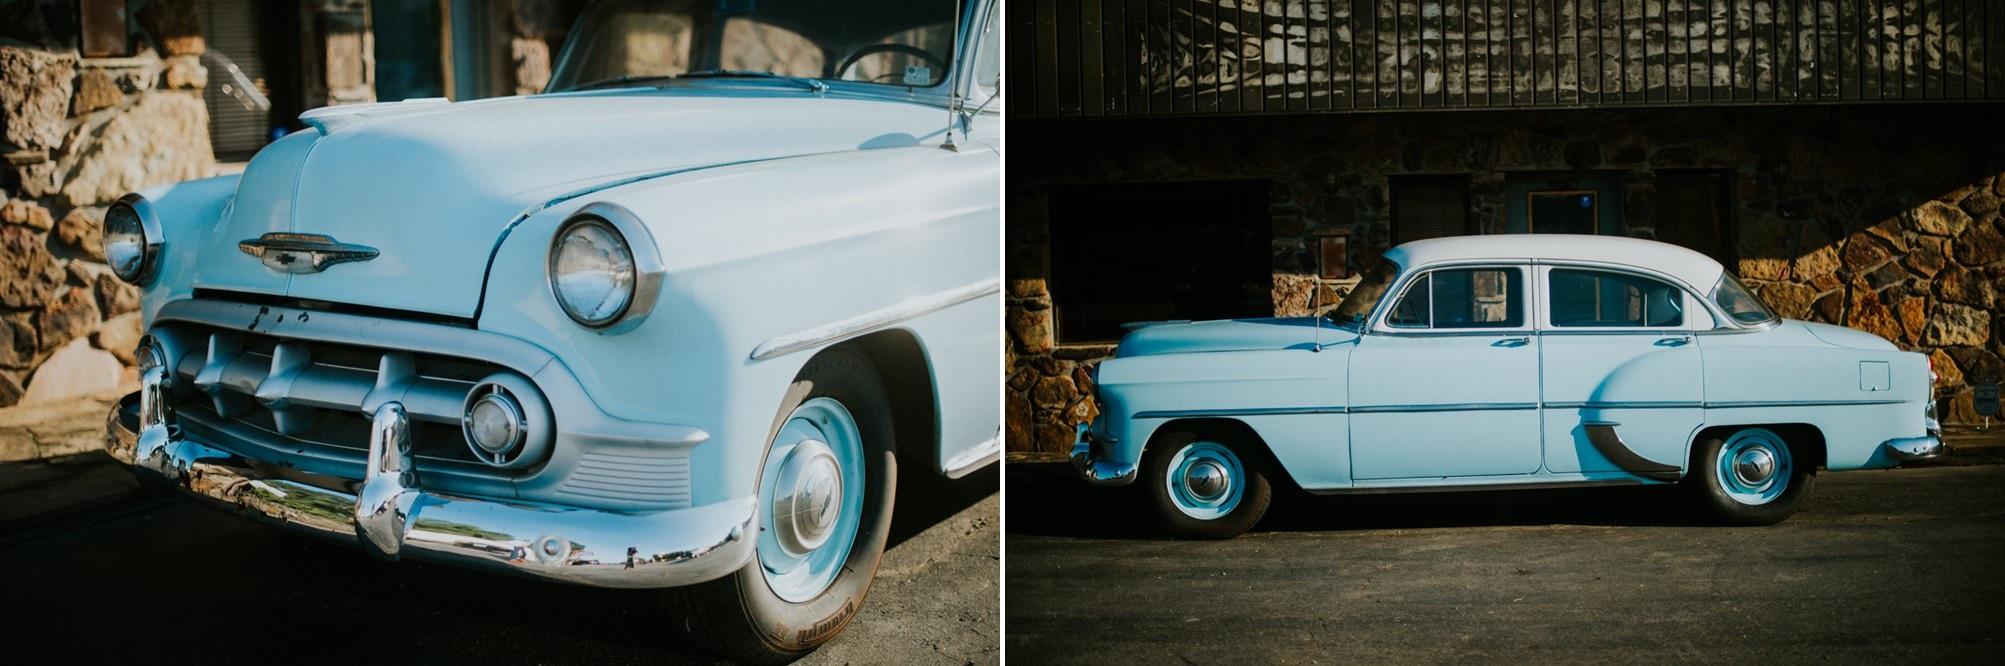 Stylish Mid-Century Vintage Wedding Car // Photography ~ Myranda Randle Photography